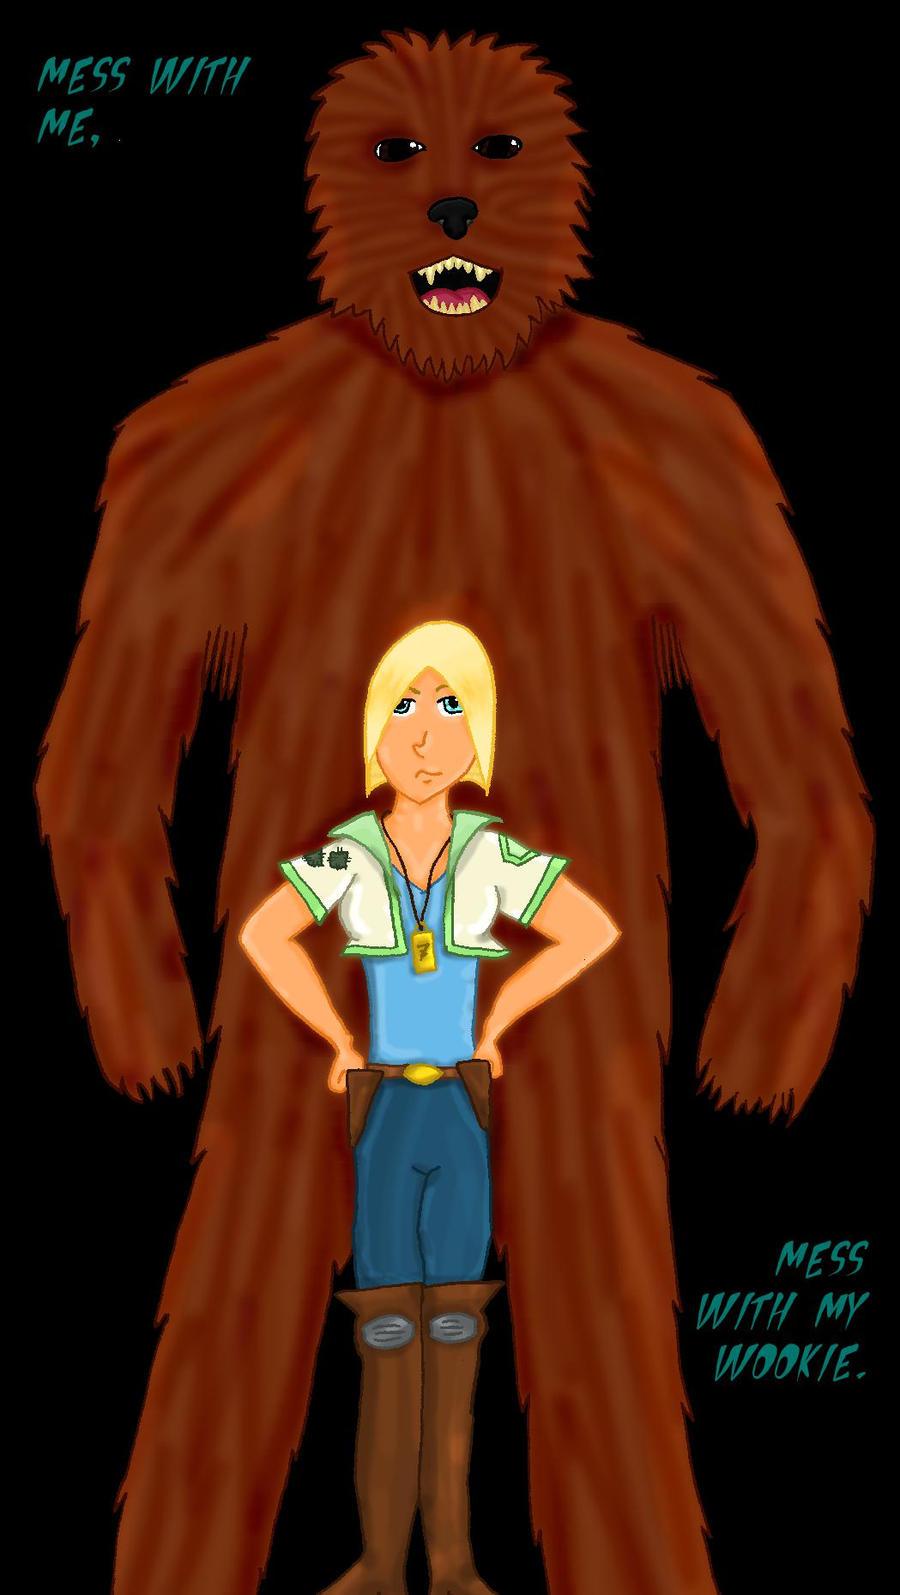 Me and my Wookiee by Feline-Jaye